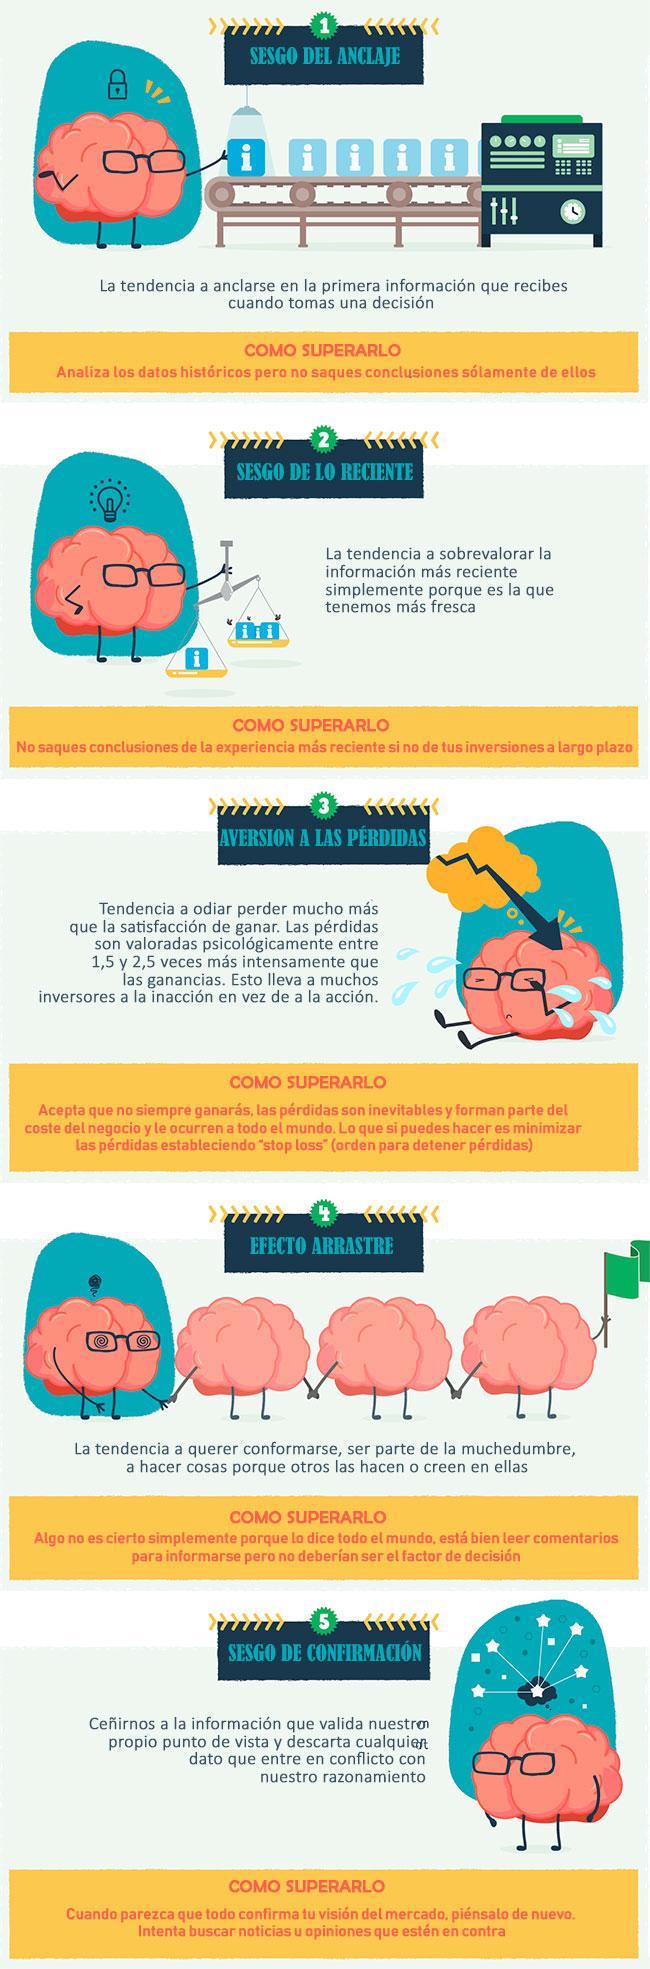 5 sesgos cognitivos que arruinan tus inversiones